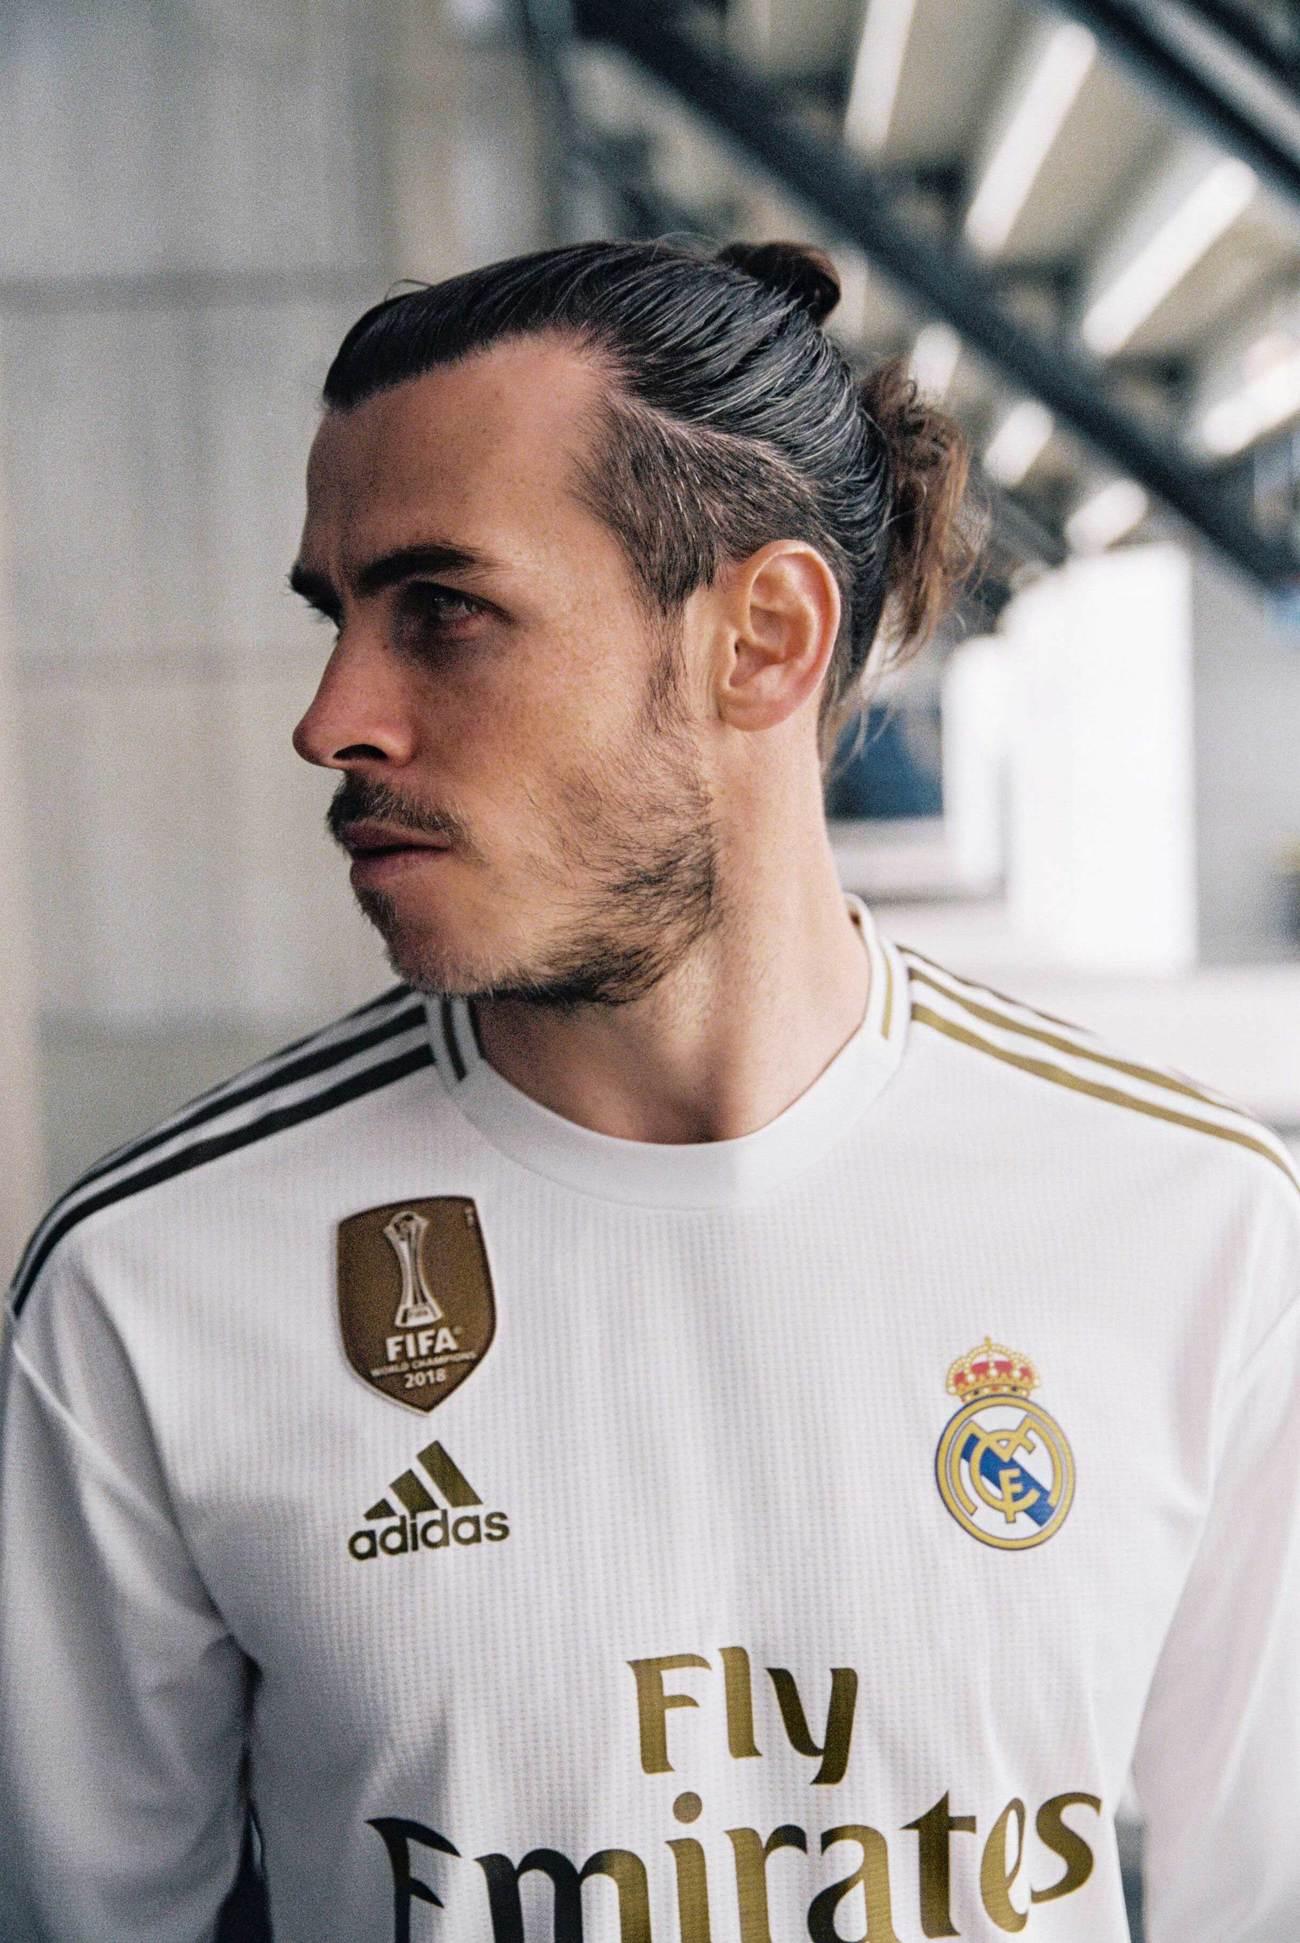 5a78882de9 La nueva camiseta del Real Madrid, al detalle: la corona de oro, el precio,  los dorsales.